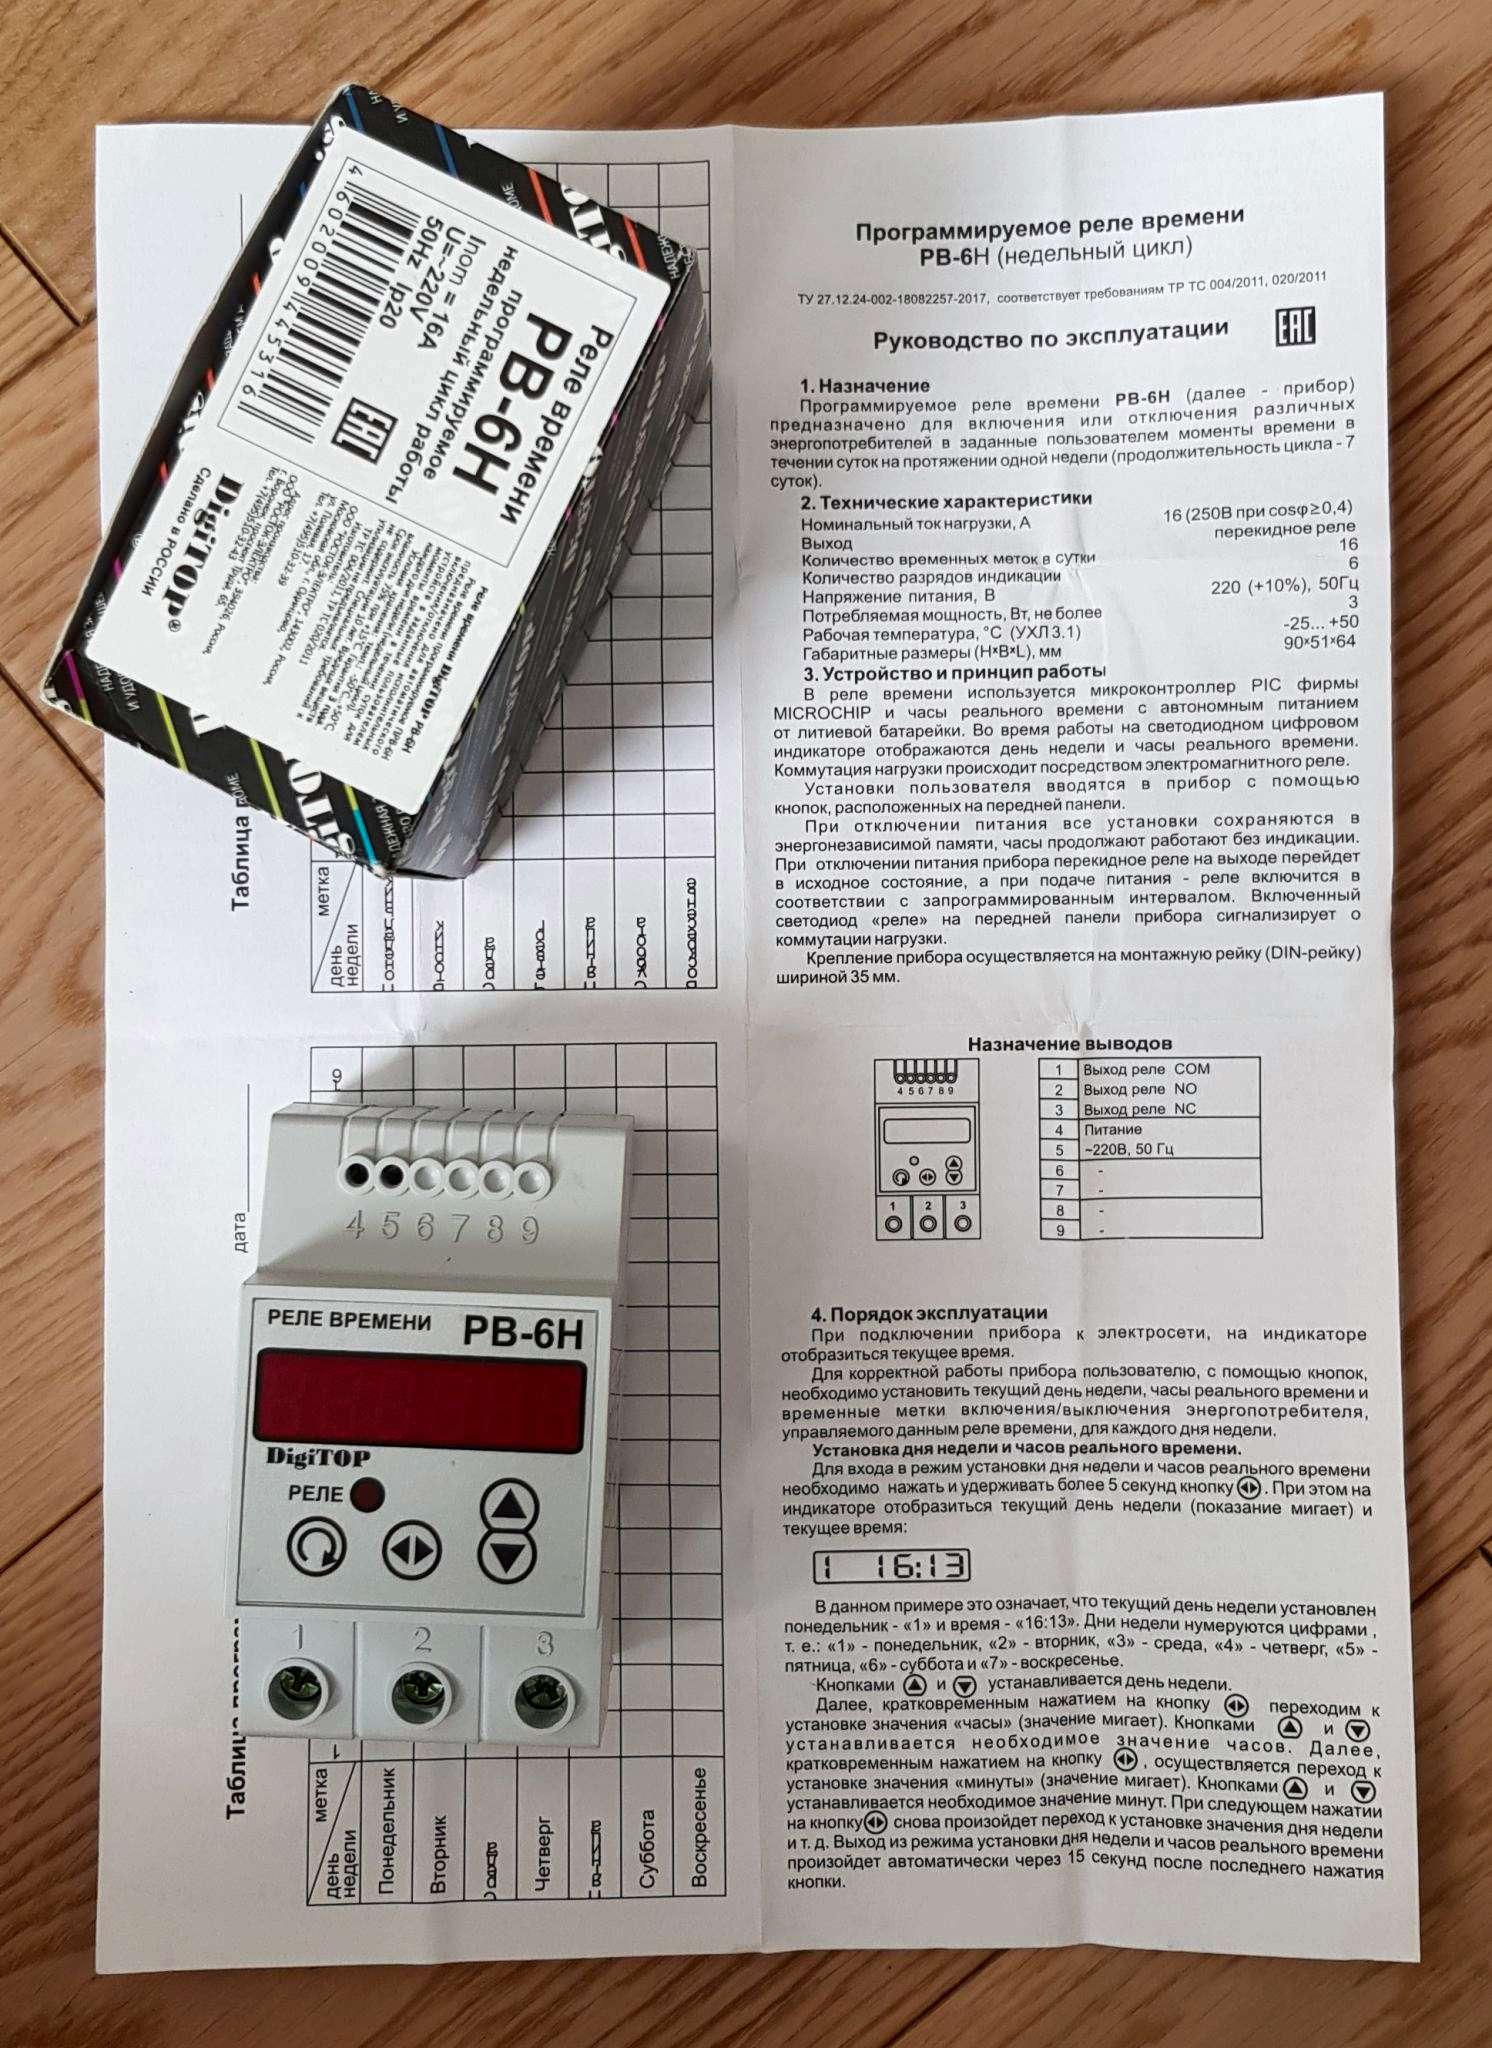 Реле времени рво-15 задержка на включение или отключение, плавная установка, 2 переключающих контакта, возможно исполнение ухл2